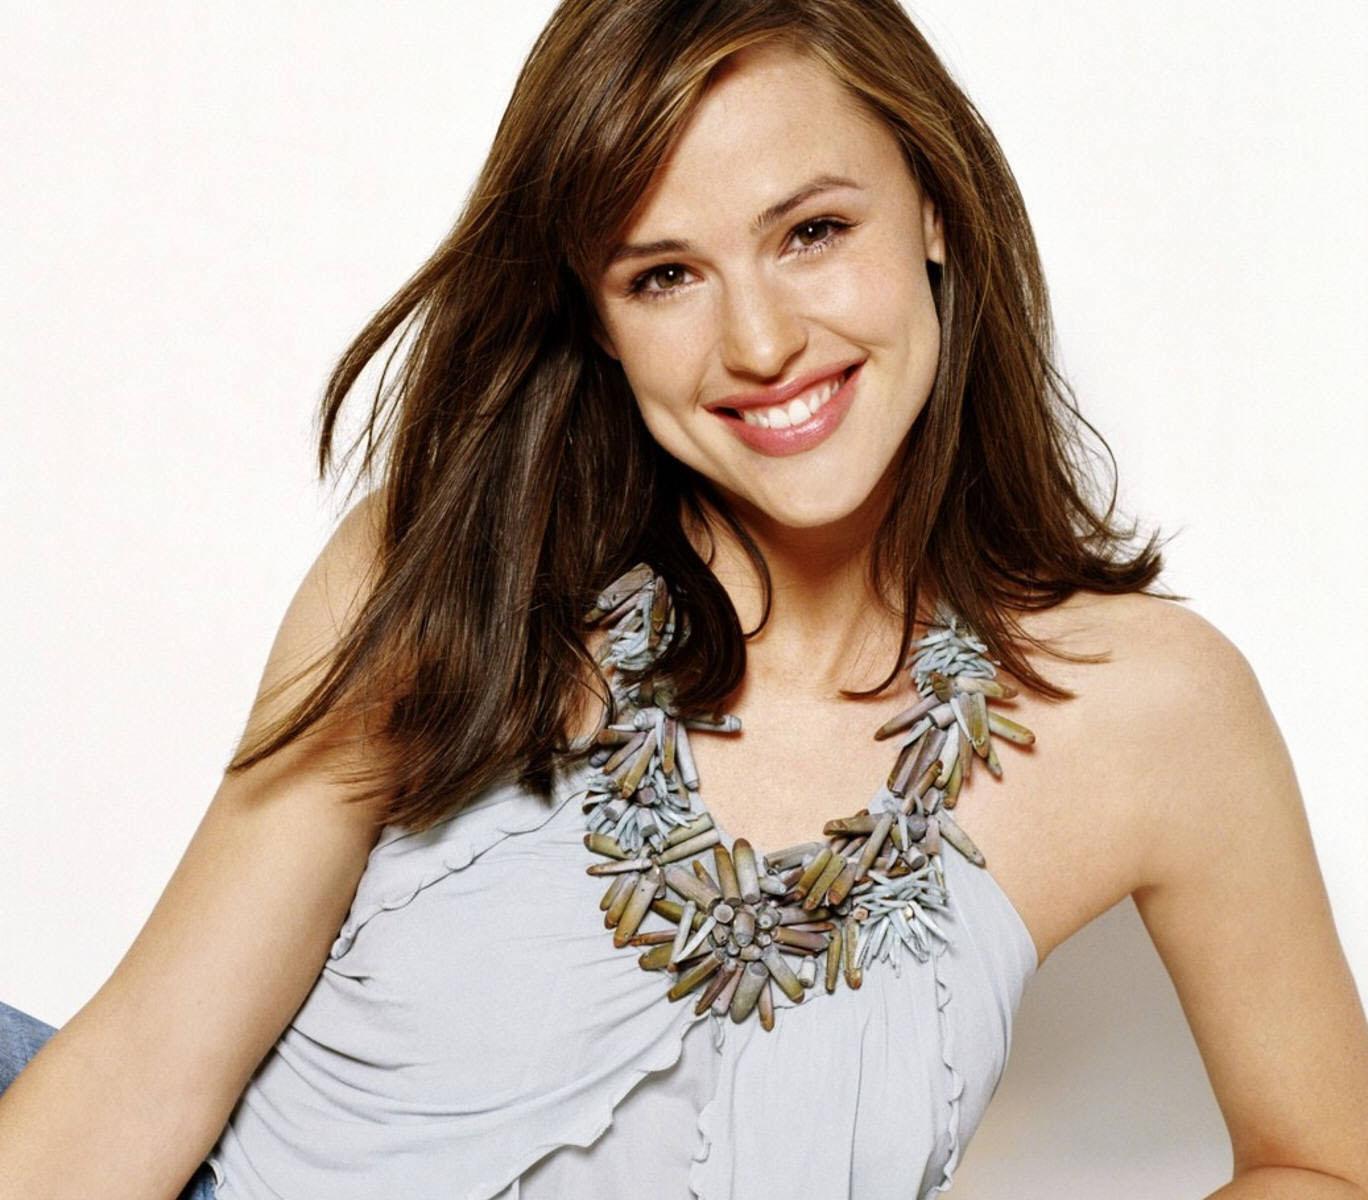 http://1.bp.blogspot.com/-ysGGtqtQkoo/TyujrhExOHI/AAAAAAAABhg/imTuaARxLKI/s1600/Jennifer-Garner1.jpg